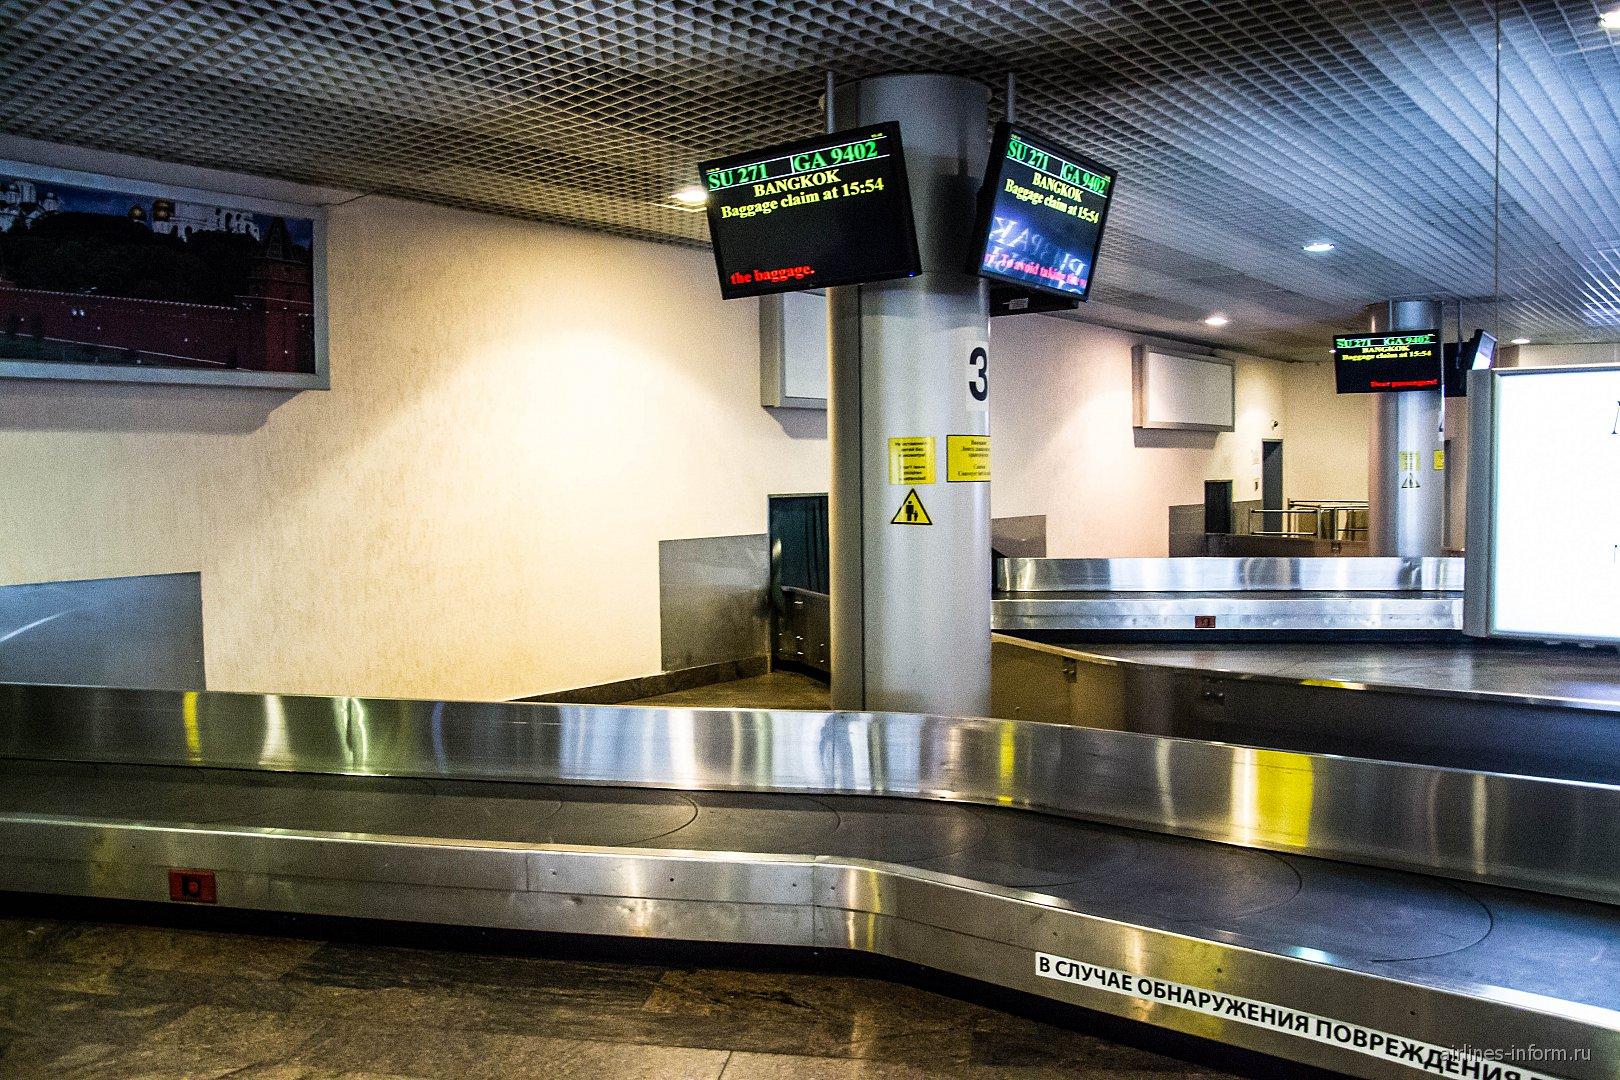 Ленты выдачи багажа в терминале F аэропорта Шереметьево